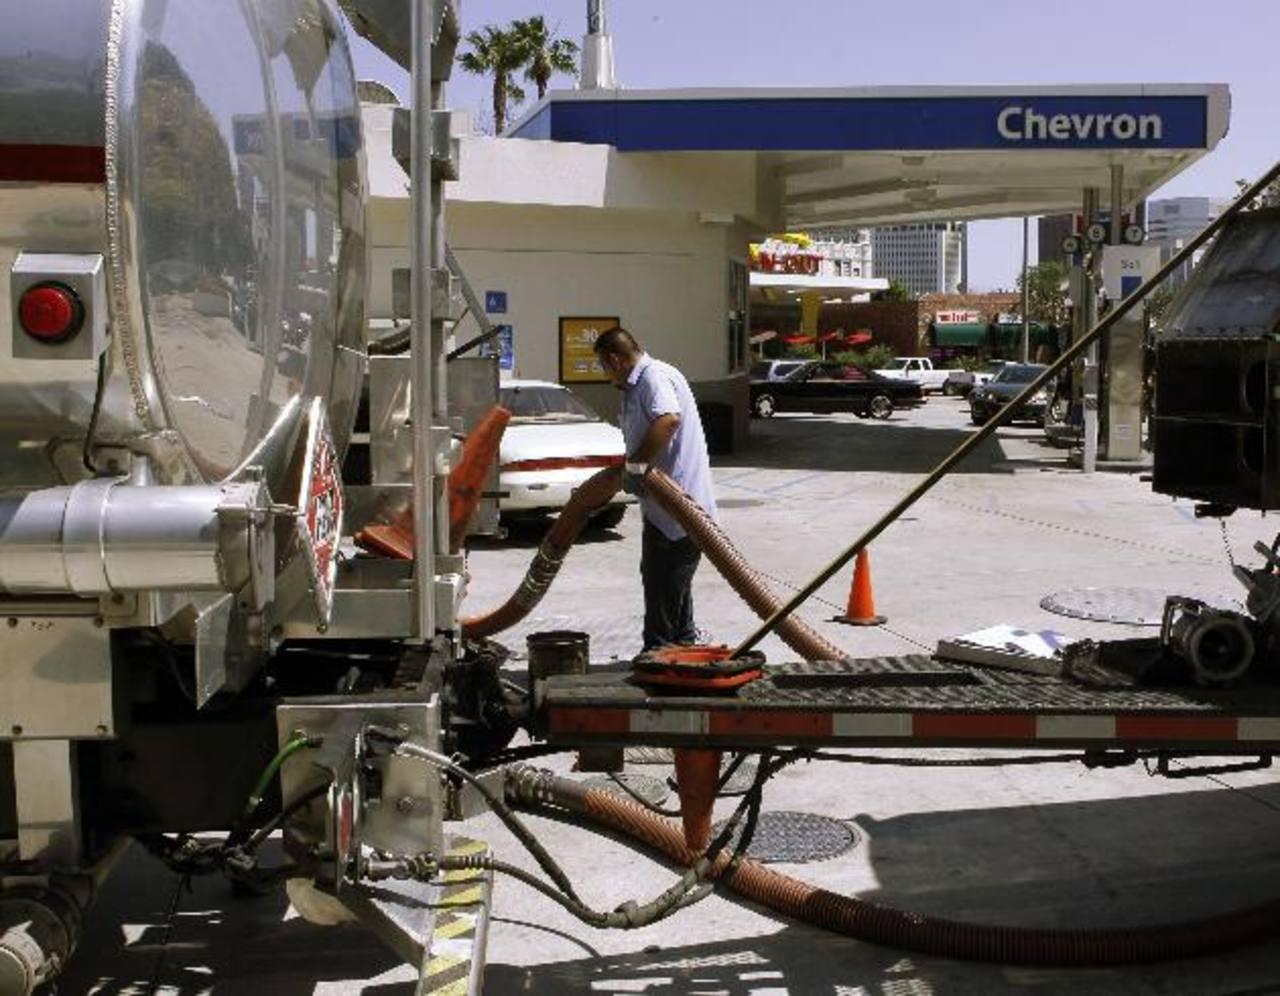 Compañías como Chevron, Total y BP ya están presentes en esa nación. foto edH / archivo